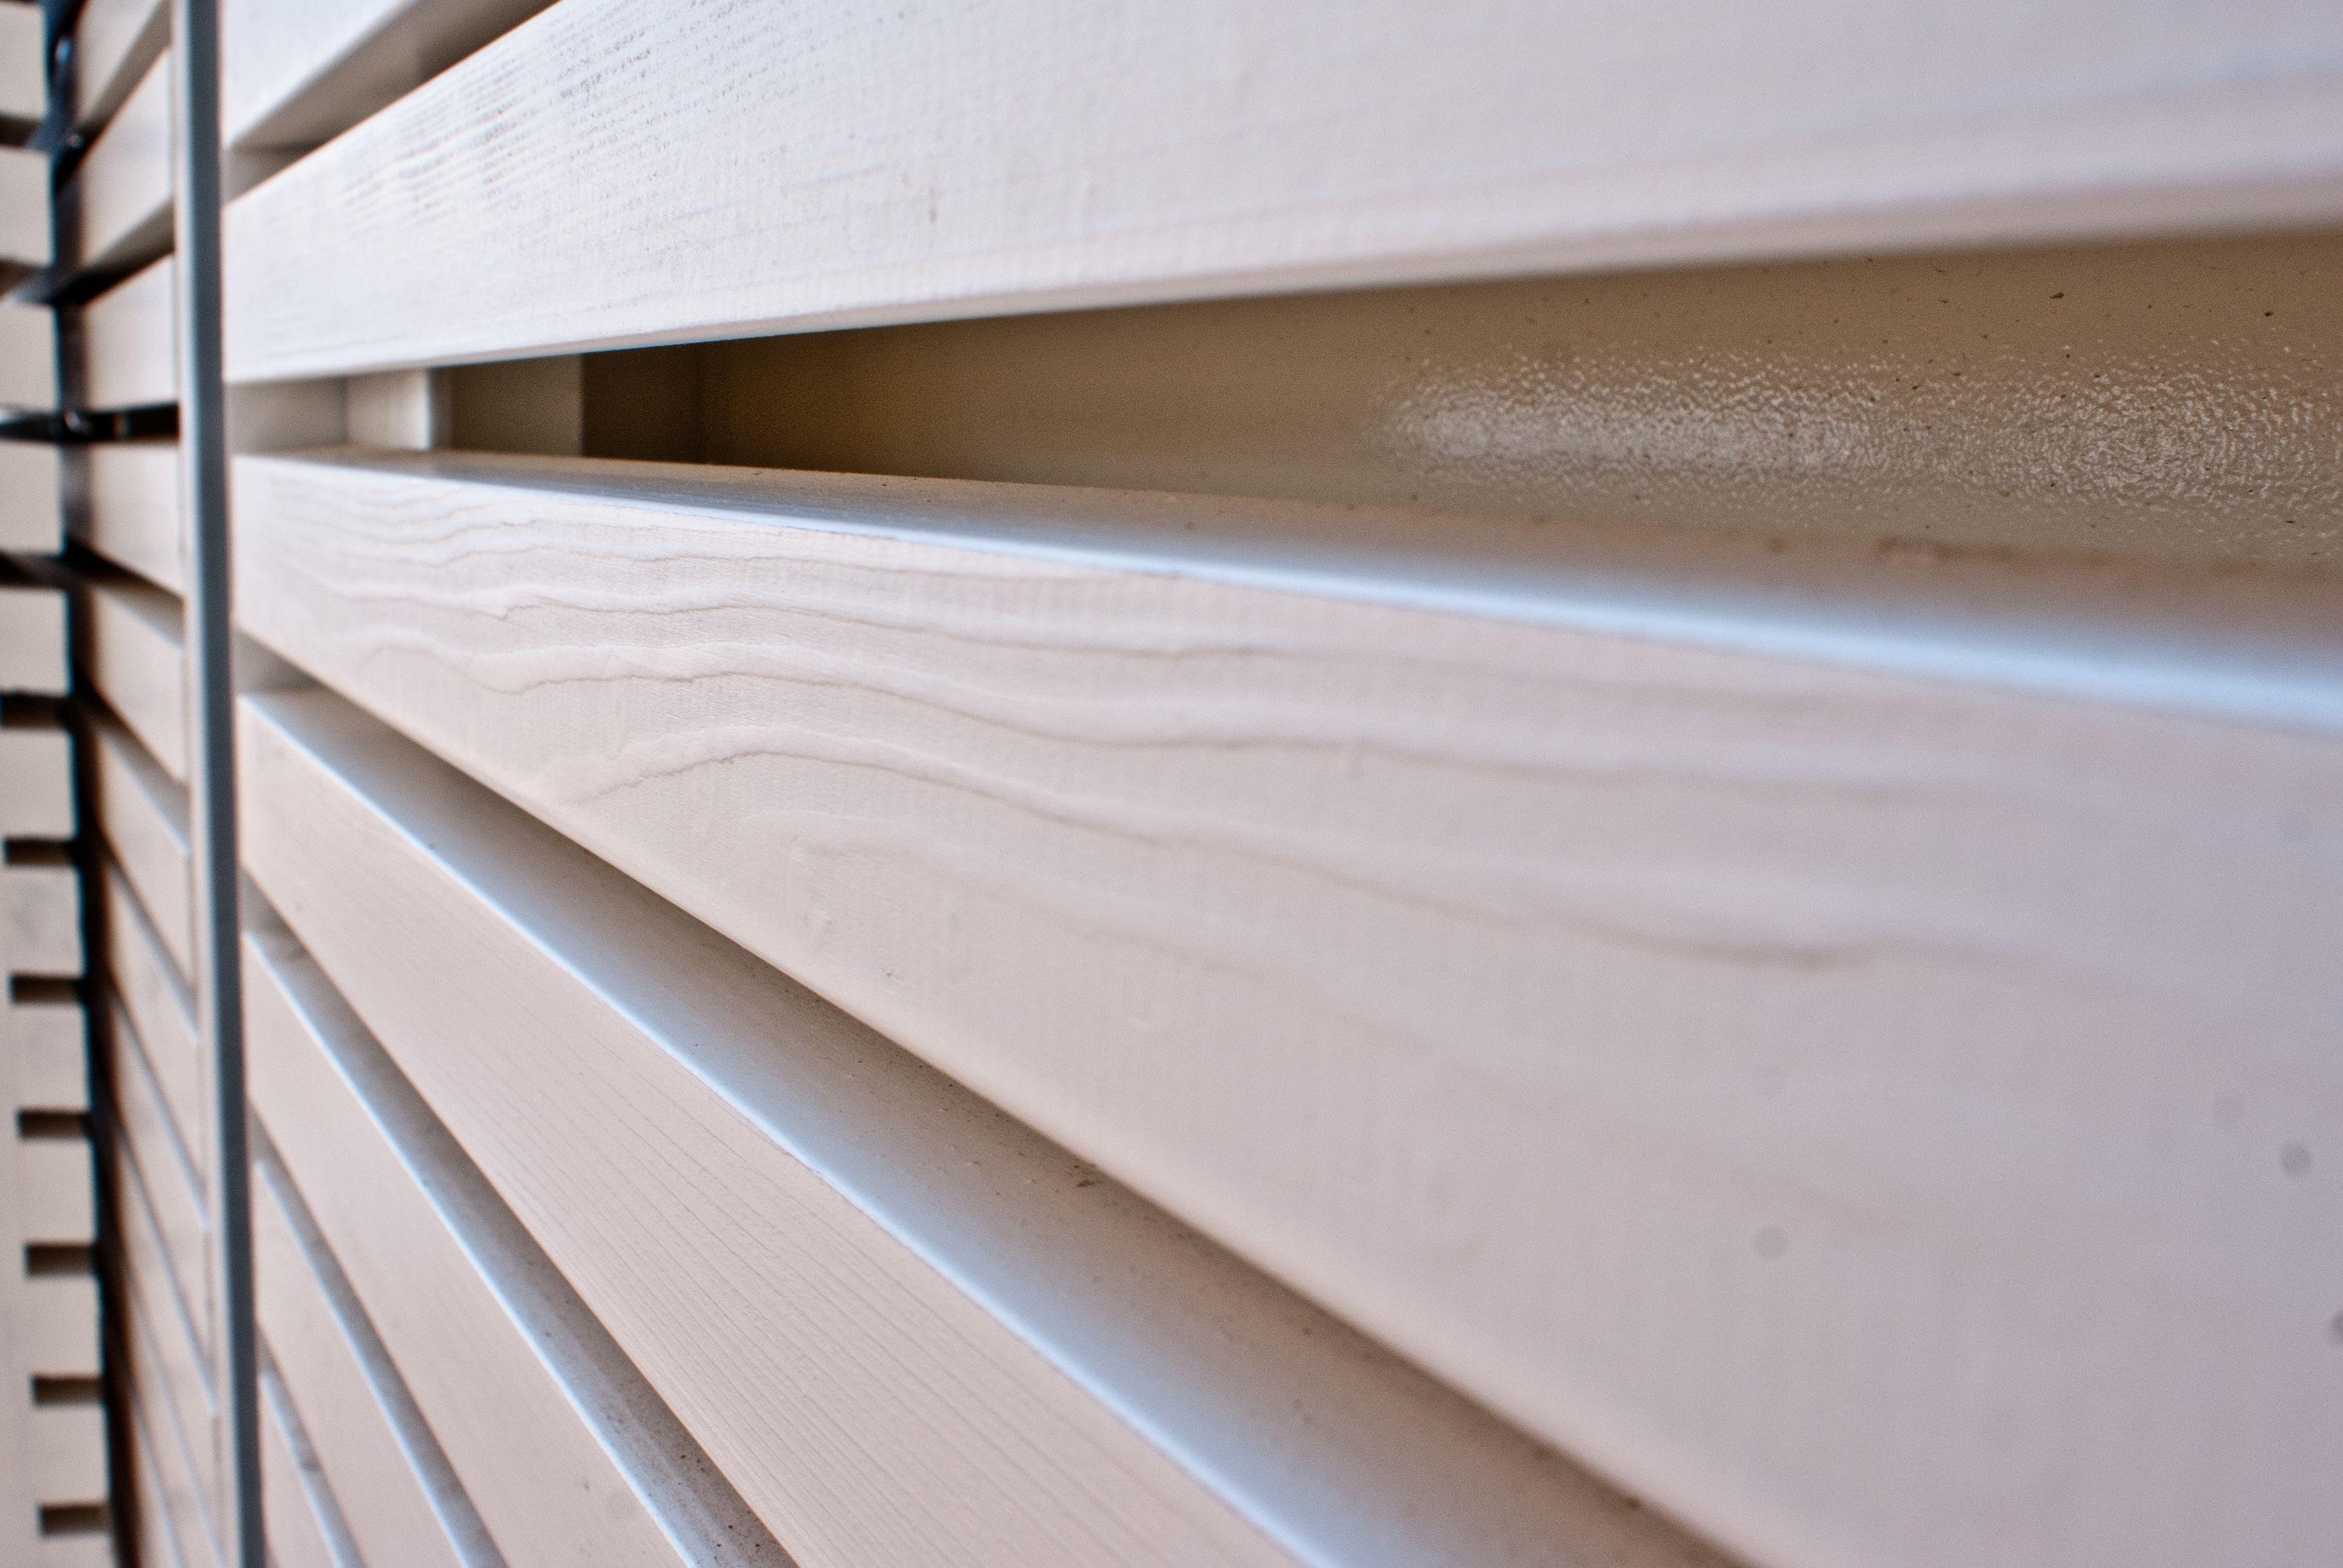 Copertura In Legno Bianco : Larice smaltato bianco rivestimento in legno per esterno per la